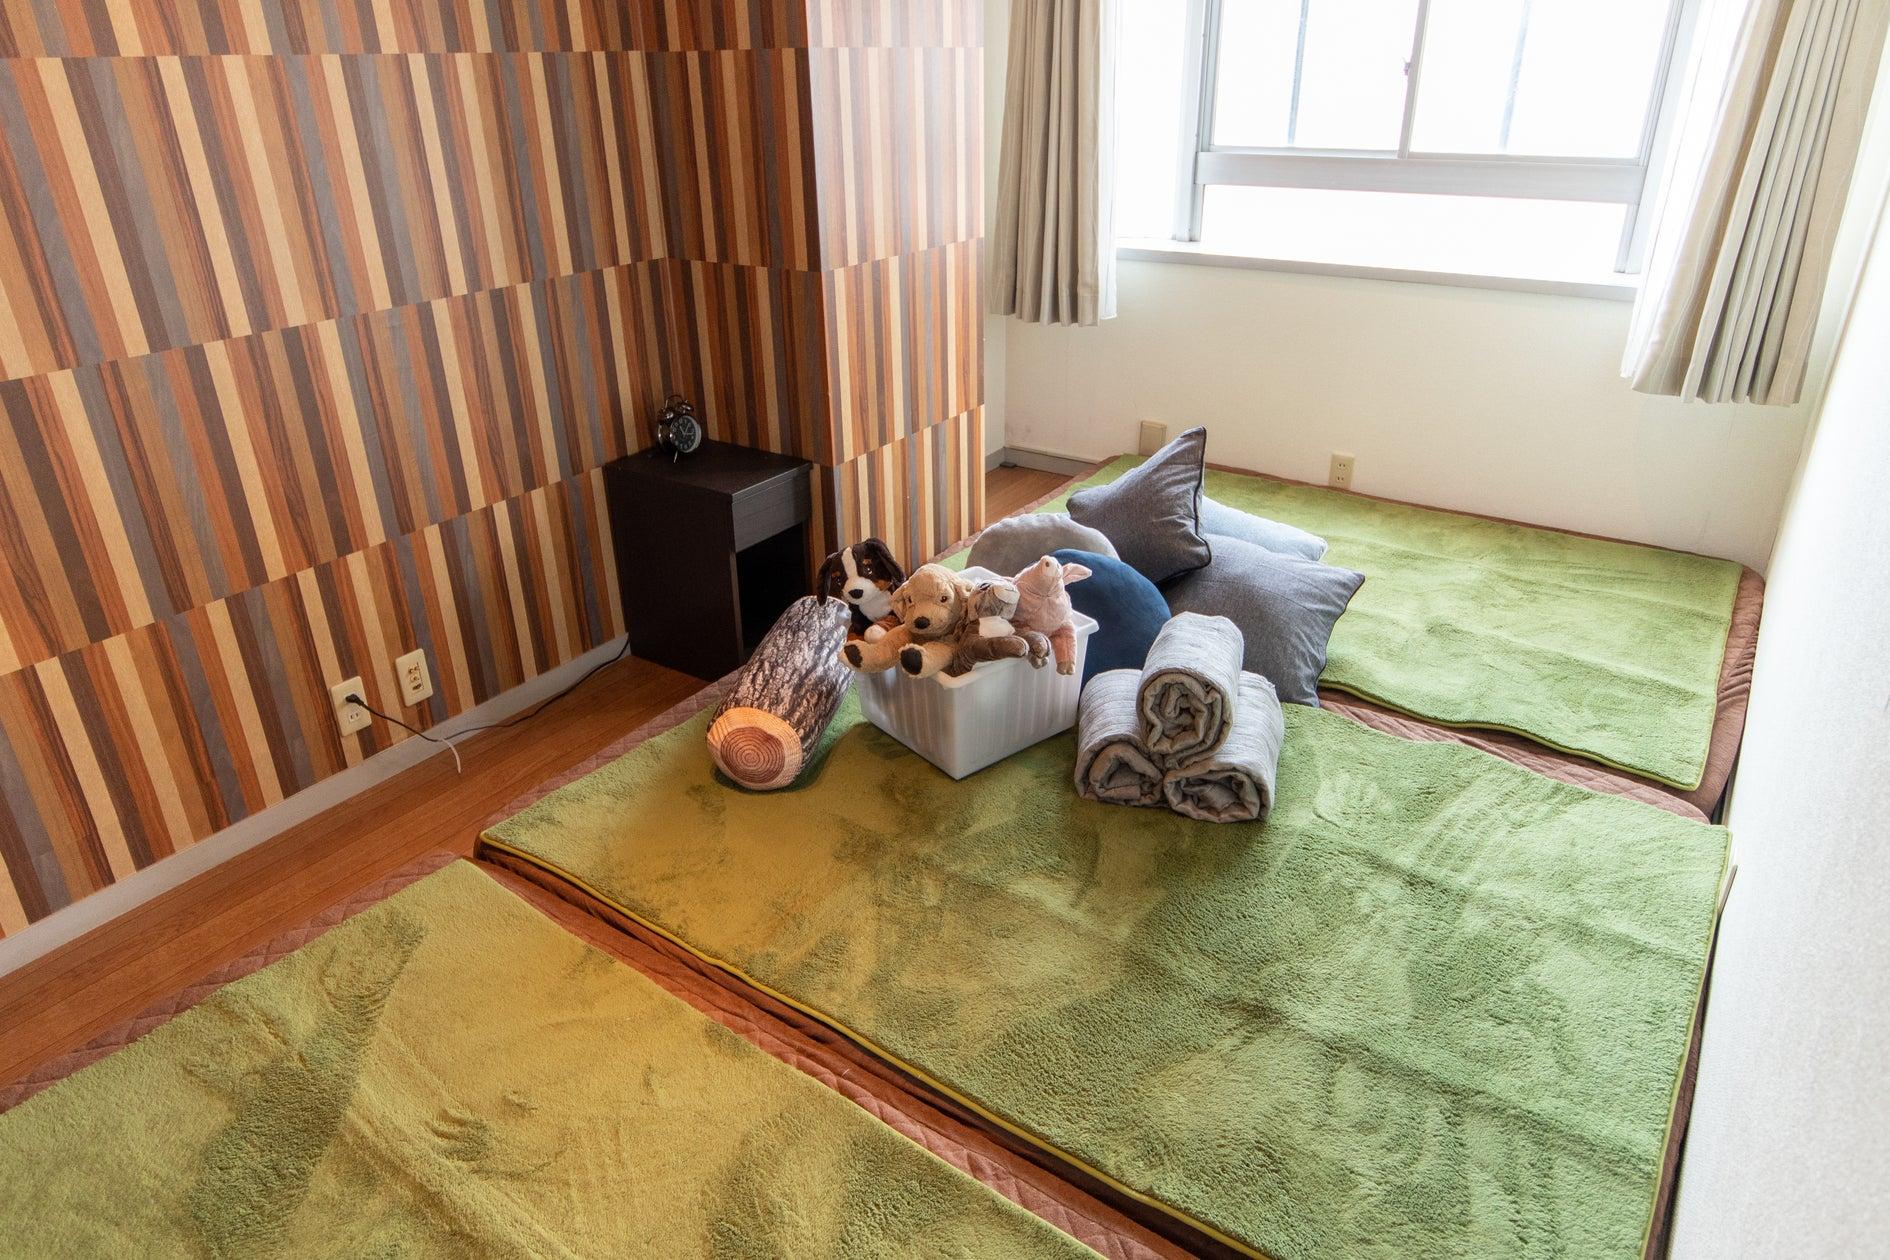 ⭐️1782円~㊗OPEN記念✨【渋谷&恵比寿】102㎡の広いメゾネット2LDK/最大25名/24時間/Party/ごろごろ の写真